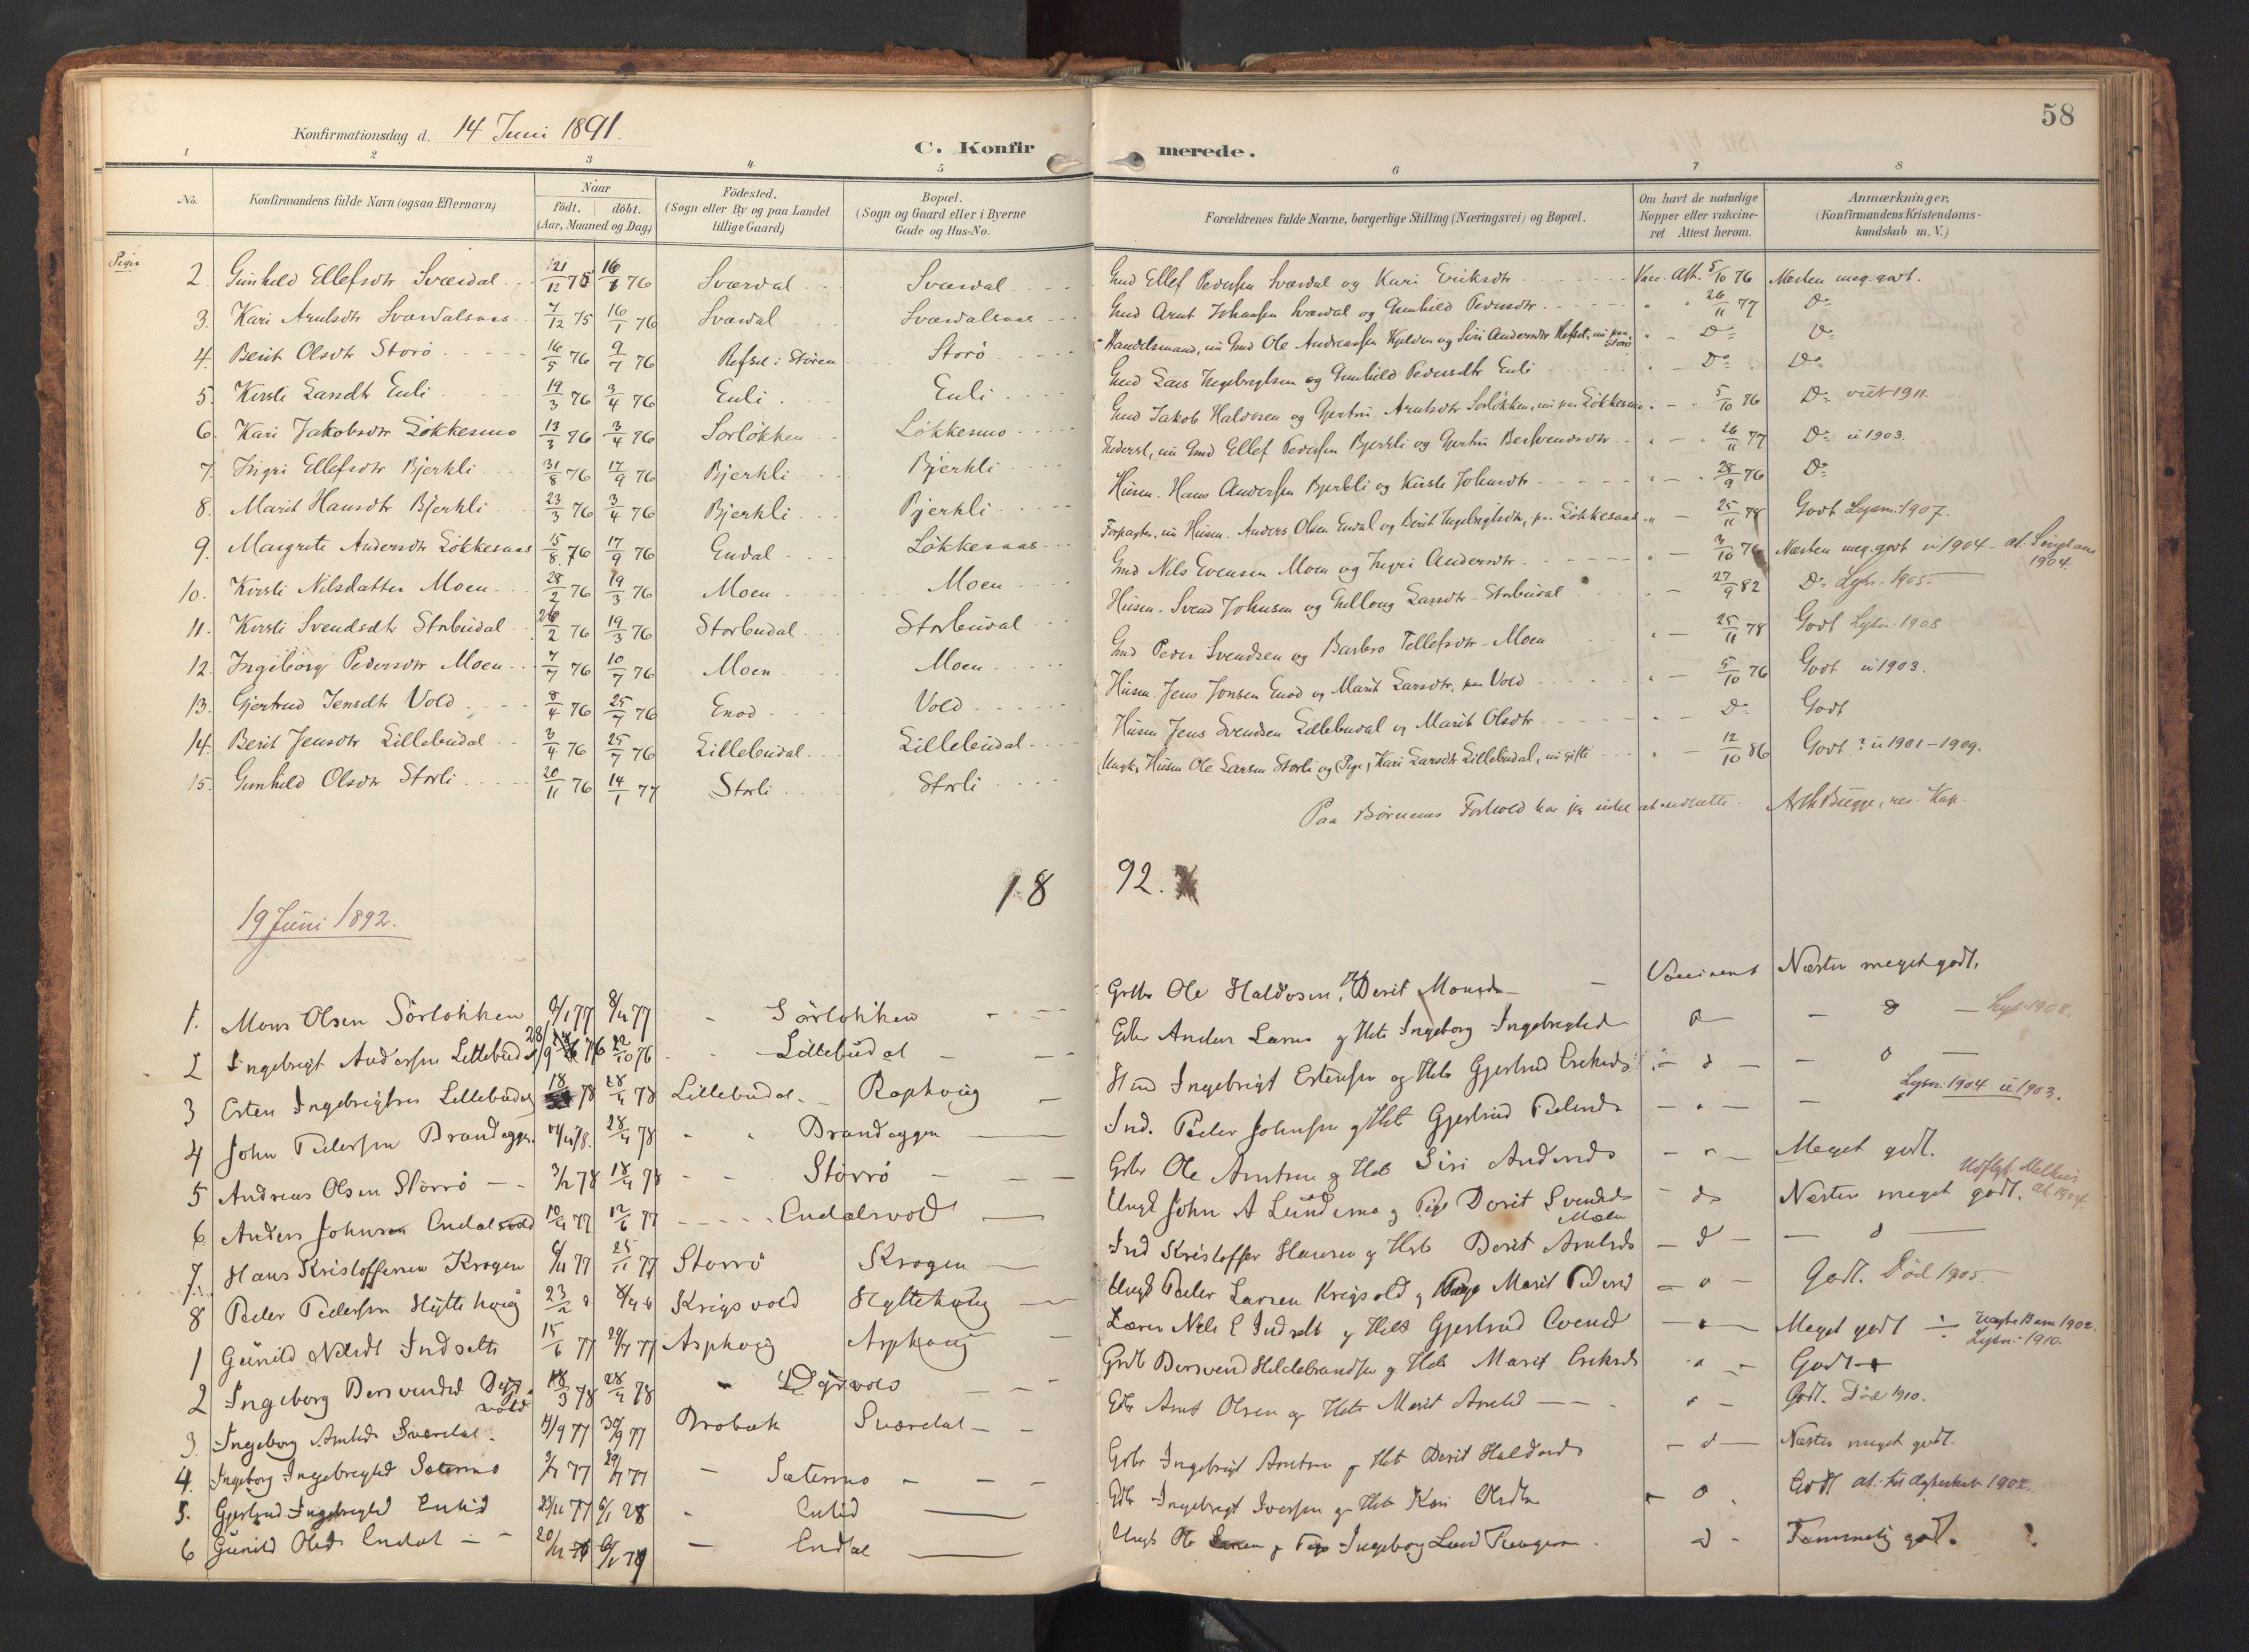 SAT, Ministerialprotokoller, klokkerbøker og fødselsregistre - Sør-Trøndelag, 690/L1050: Ministerialbok nr. 690A01, 1889-1929, s. 58